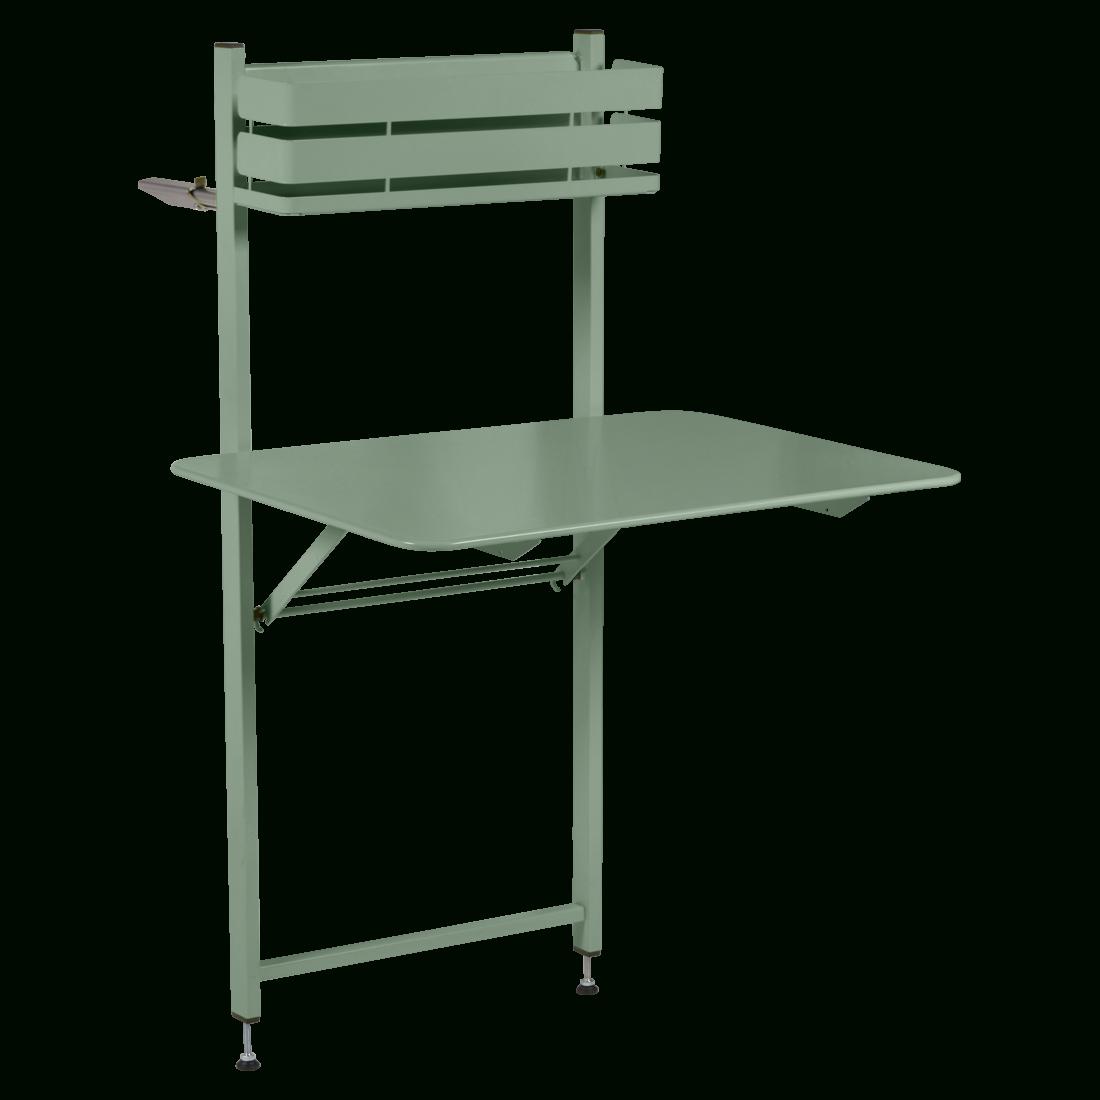 Table Balcon Bistro, Table Pliante Pour Balcon tout Table Balcon Suspendue